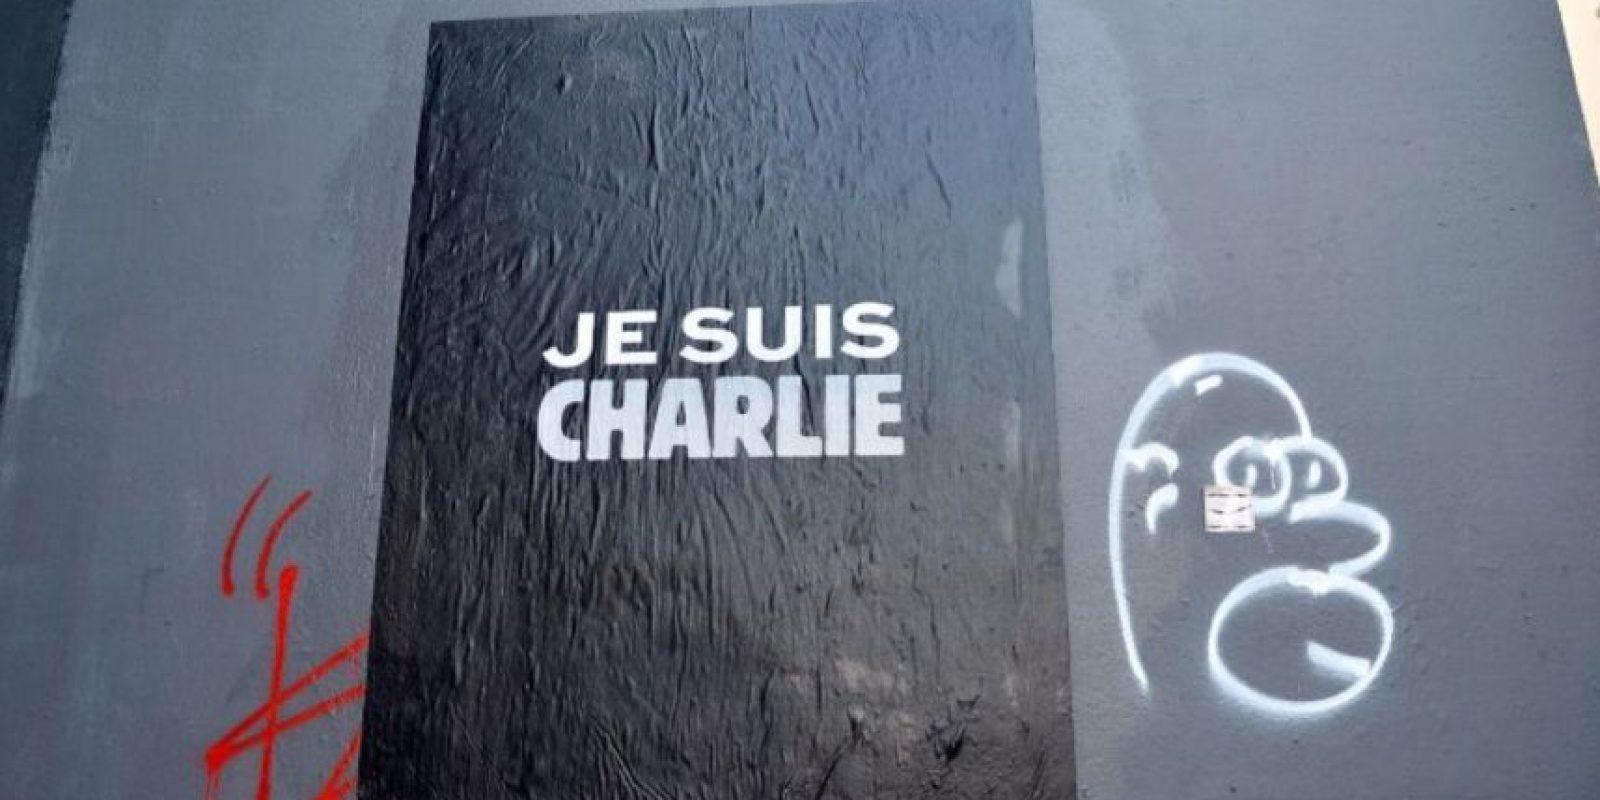 """El 7 de enero de 2015, """"Charlie Hebdo"""" –revista satírica francesa– fue atacada por terroristas. Nueve periodistas murieron producto del atentado.. Foto:Getty Images"""